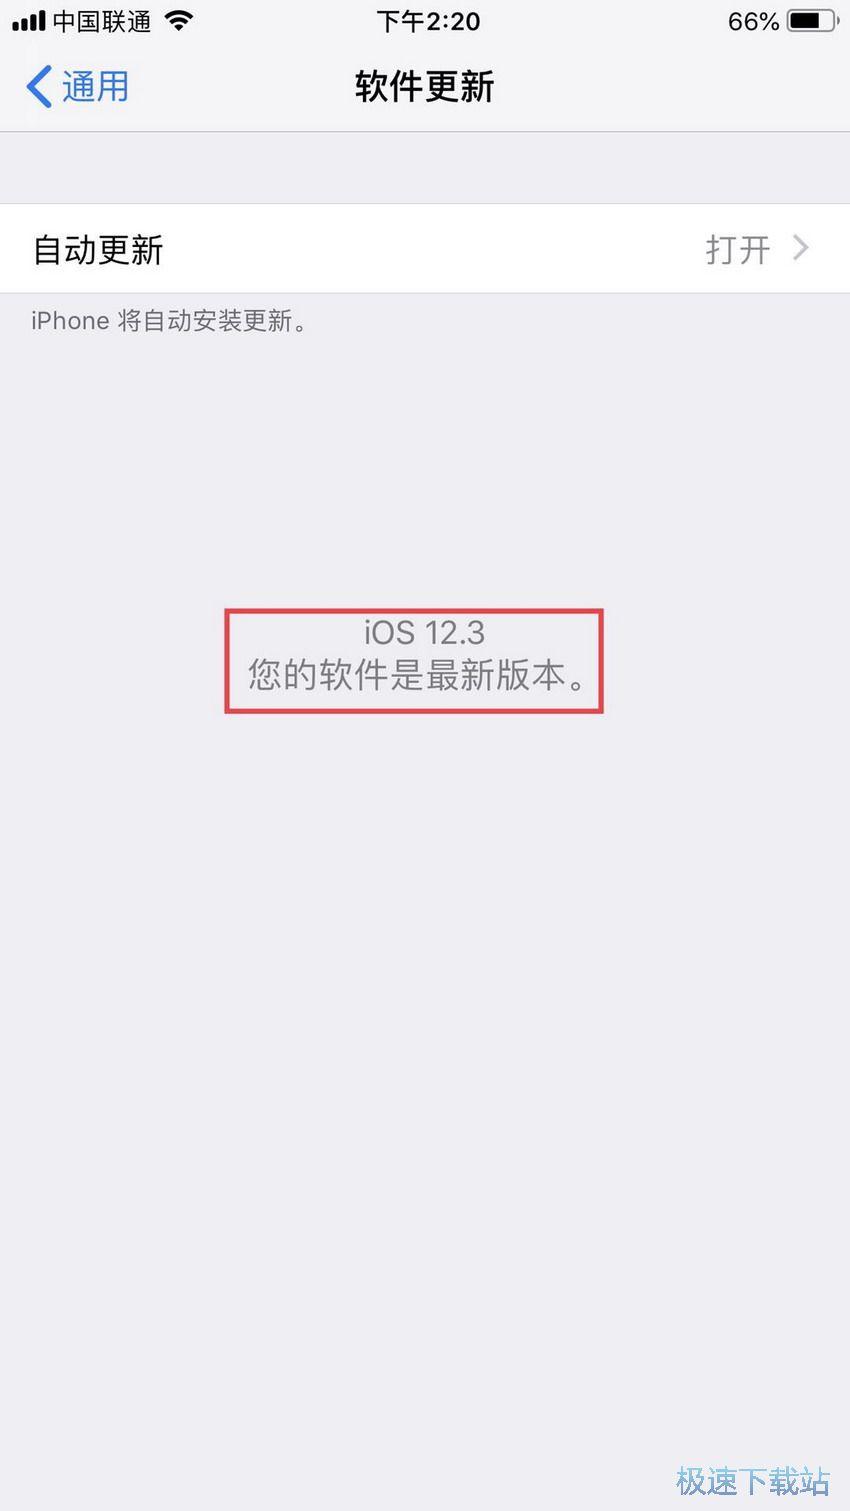 iPhone怎么开通电信Votle语音服务? 缩略图